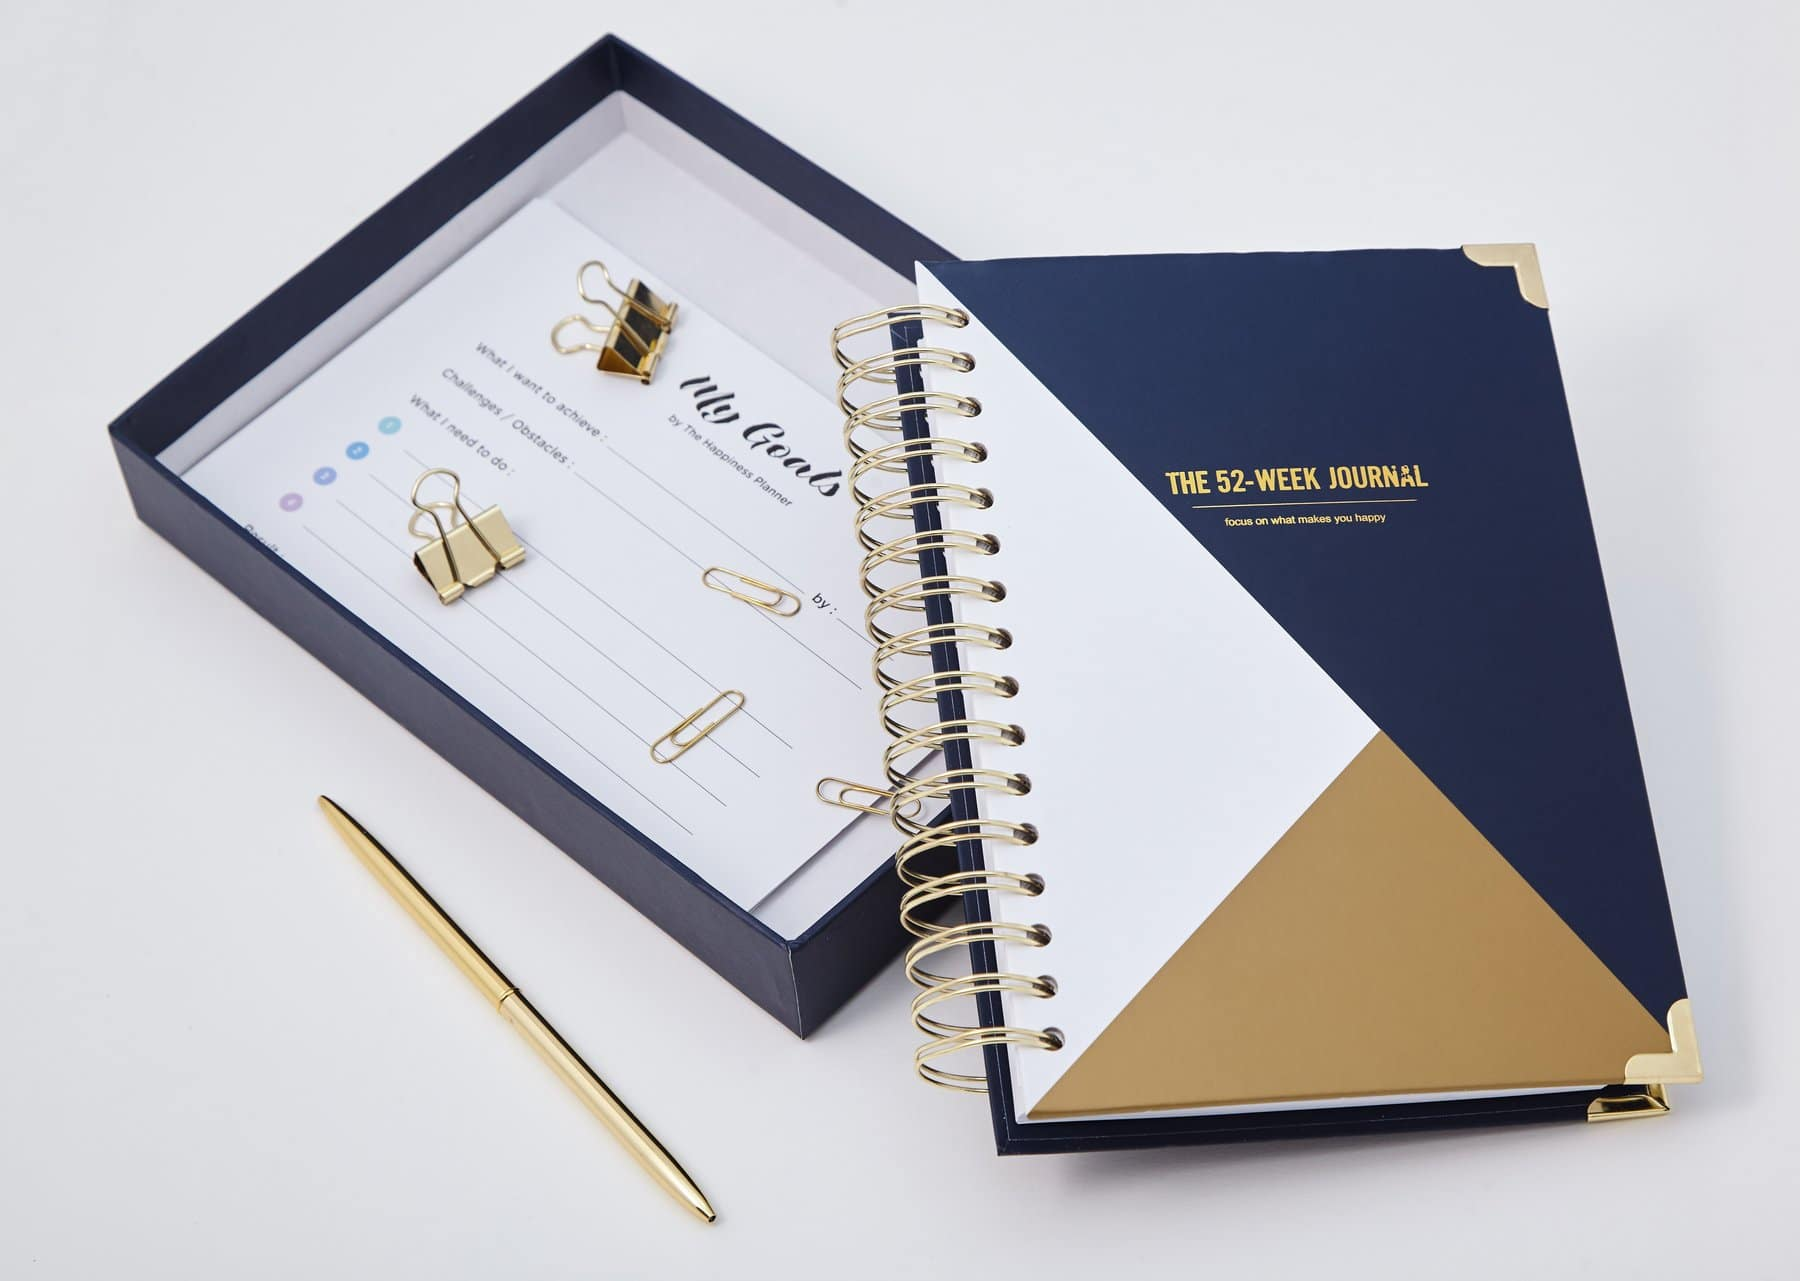 ชื่อรูป: gift 13 ประกอบเนื้อหา: ไอเดียของขวัญปีใหม่ 2021 สำหรับให้ผู้ใหญ่ เจ้านายและลูกค้า